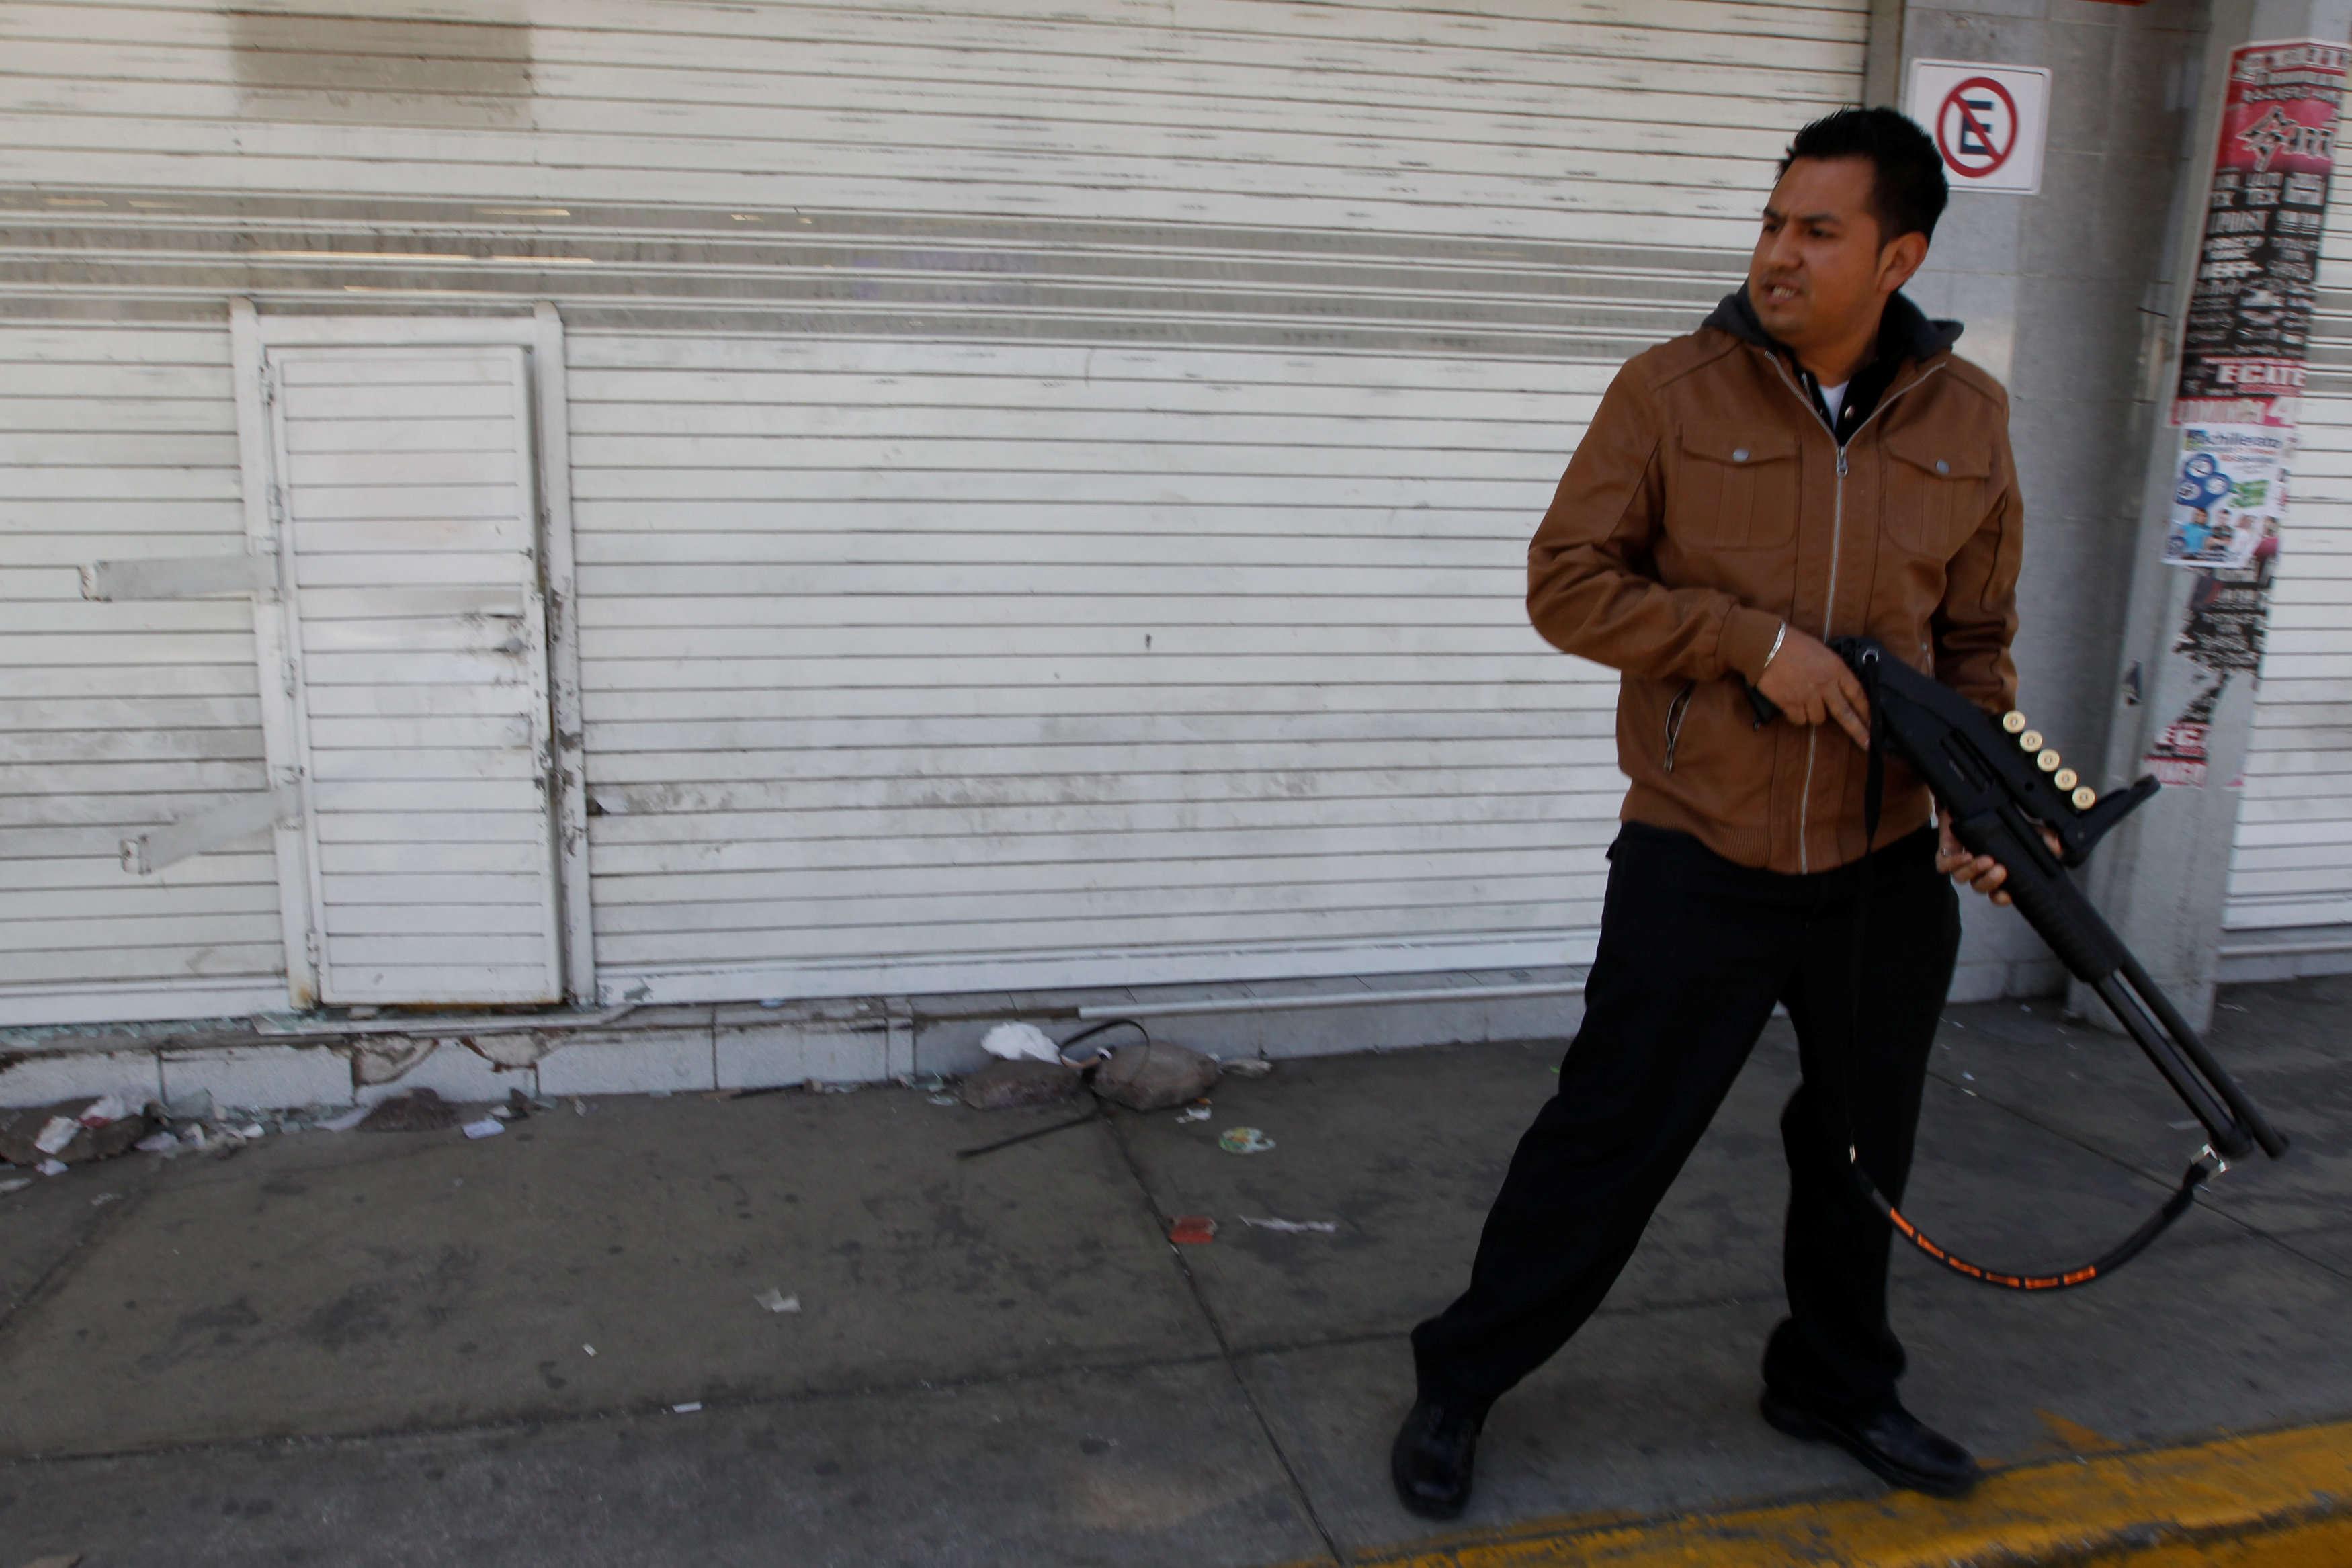 Un policier garde un magasin d'articles ménagers qui a été pillé à Ecatapec, le 5janvier. Le 6, en début d'après-midi, le prix du baril de « light sweet crude » (référence américaine du brut) augmentait de 41cents, le portant à 54,17dollars.